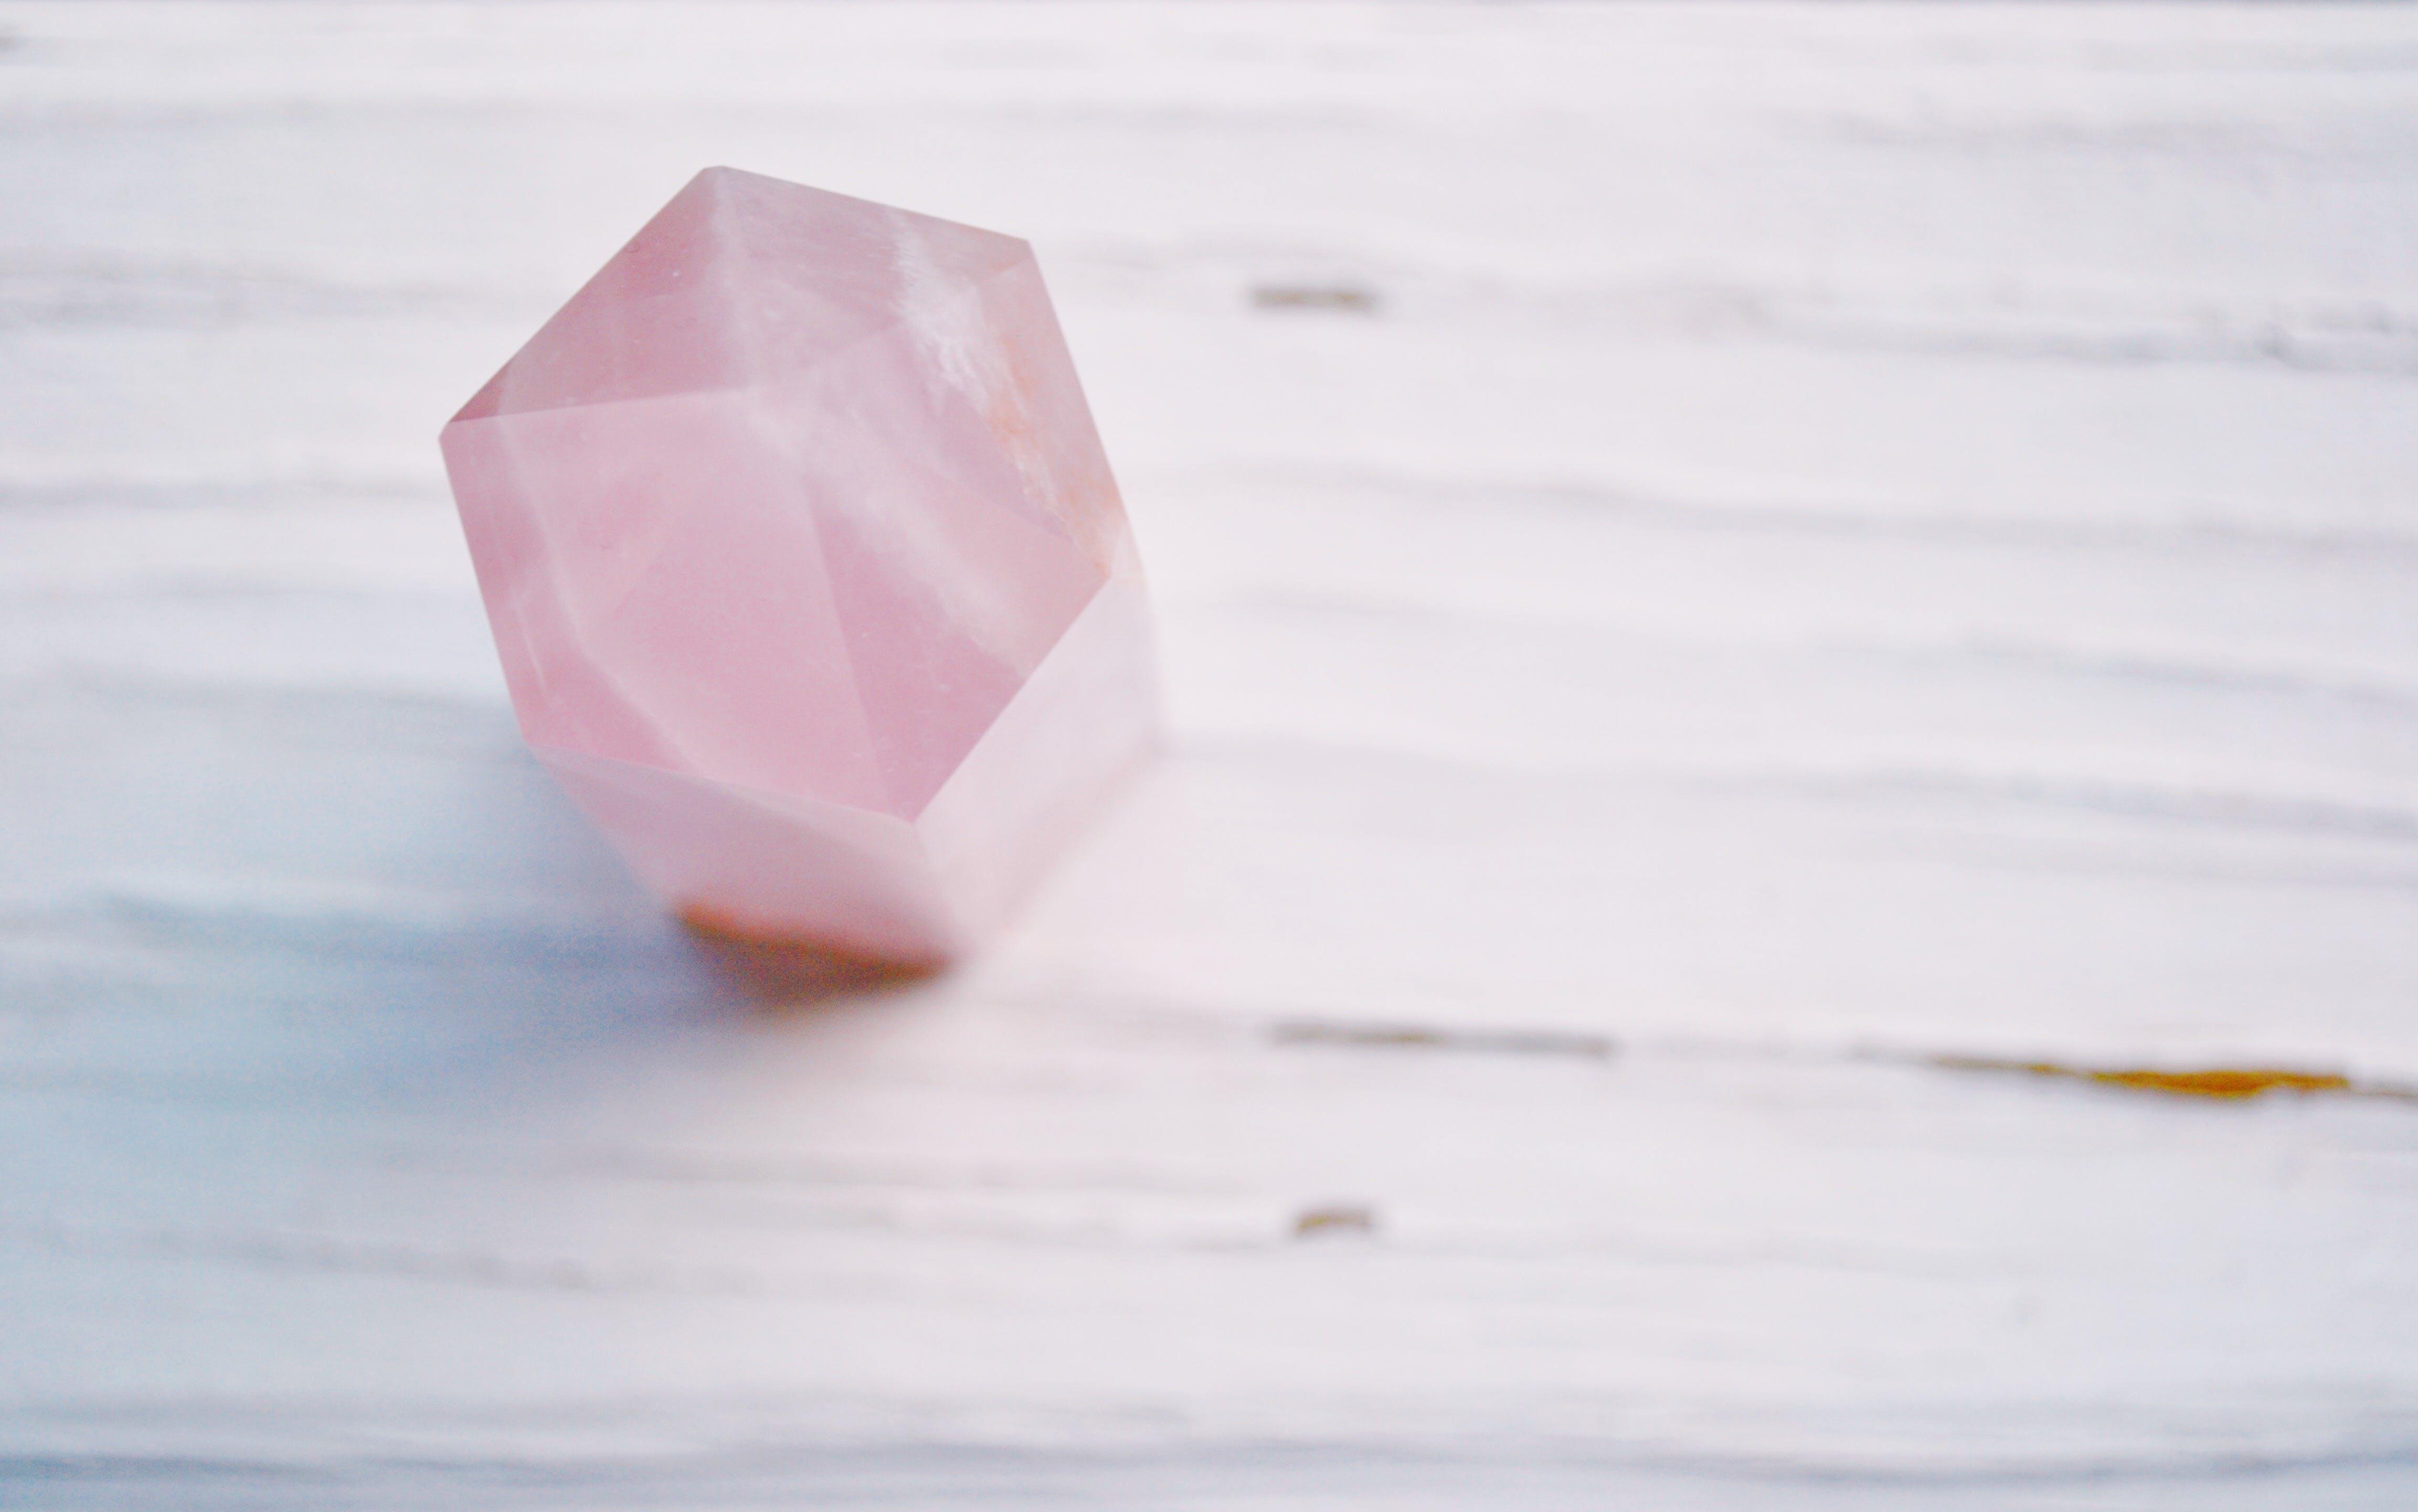 Gratis lagerfoto af close-up, fokus, form, helbredende krystal